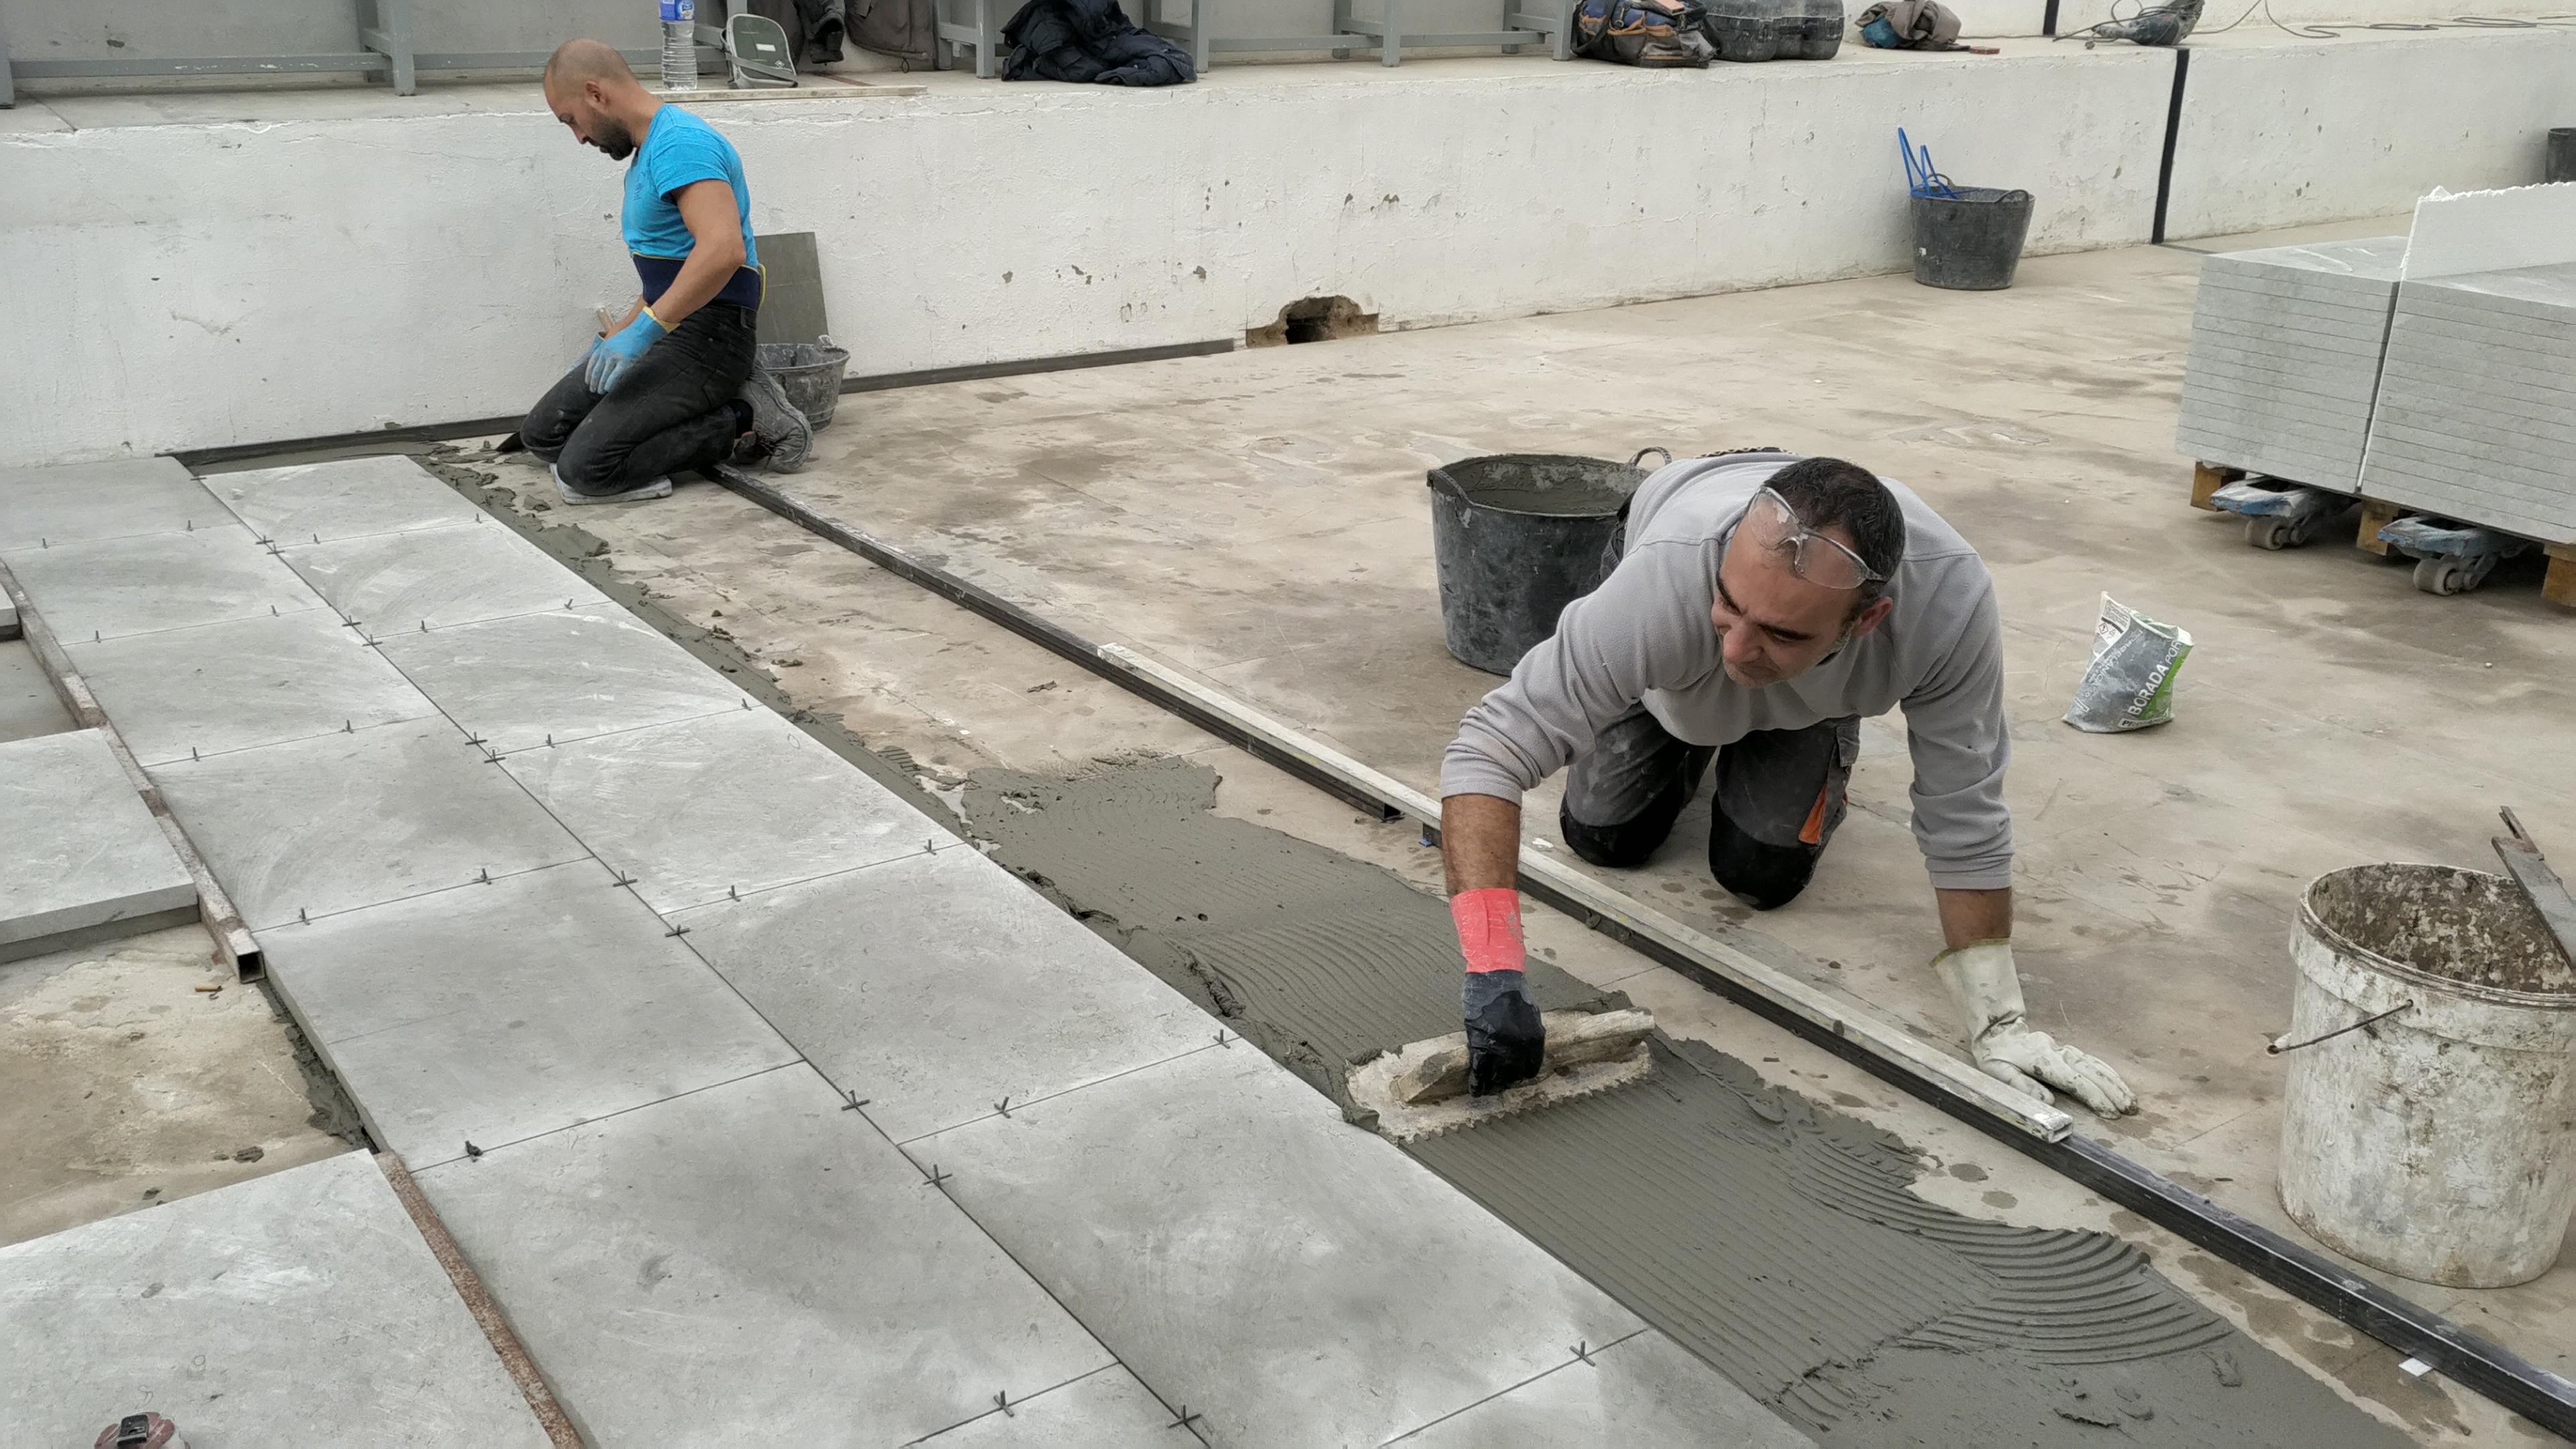 Les obres van començar dimarts passat i es perllongaran durant el pròxim mes de gener.